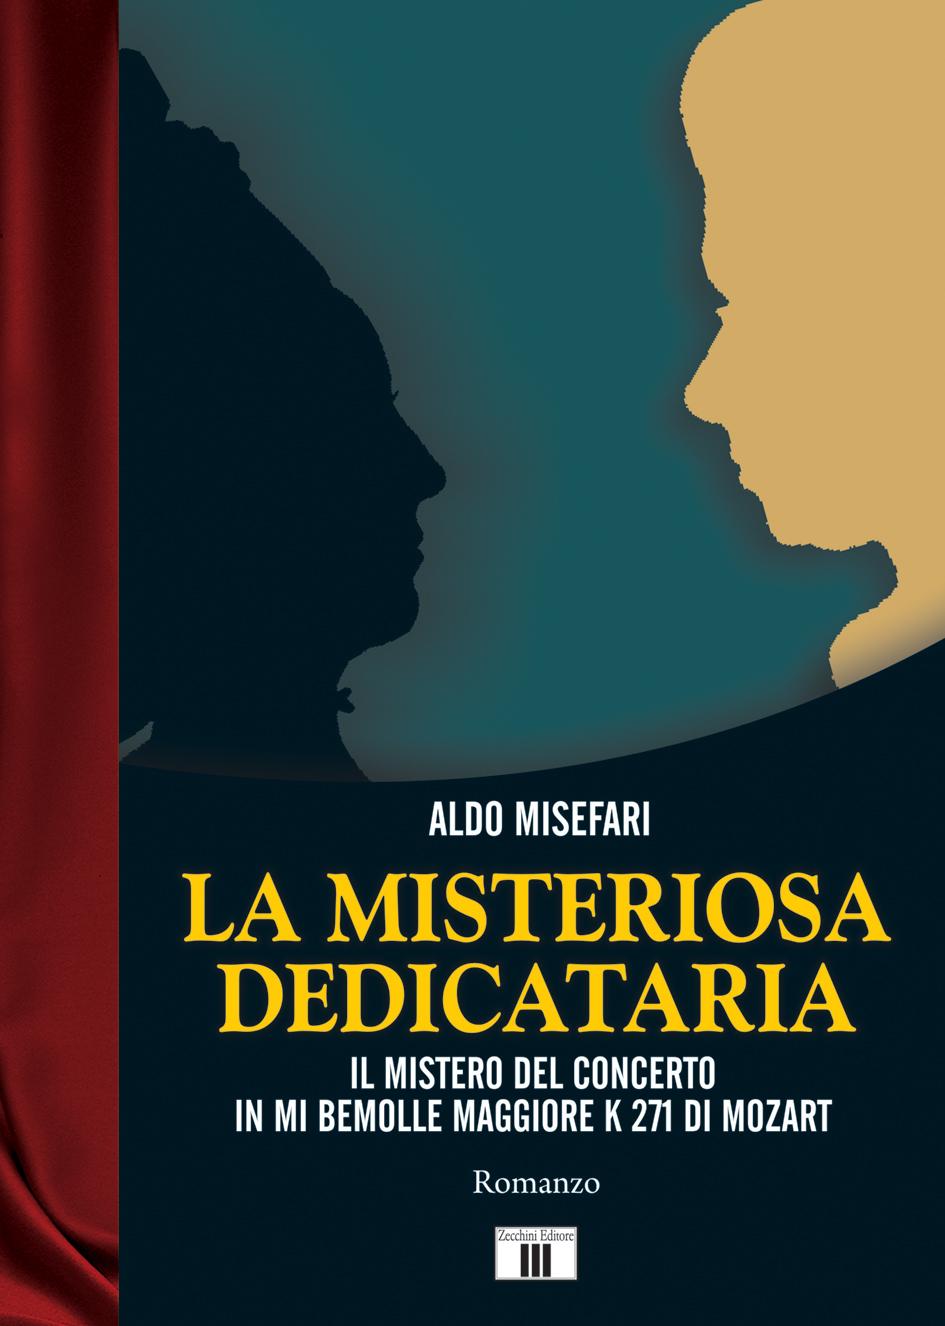 Aldo Misefari: La misteriosa dedicataria: Reference